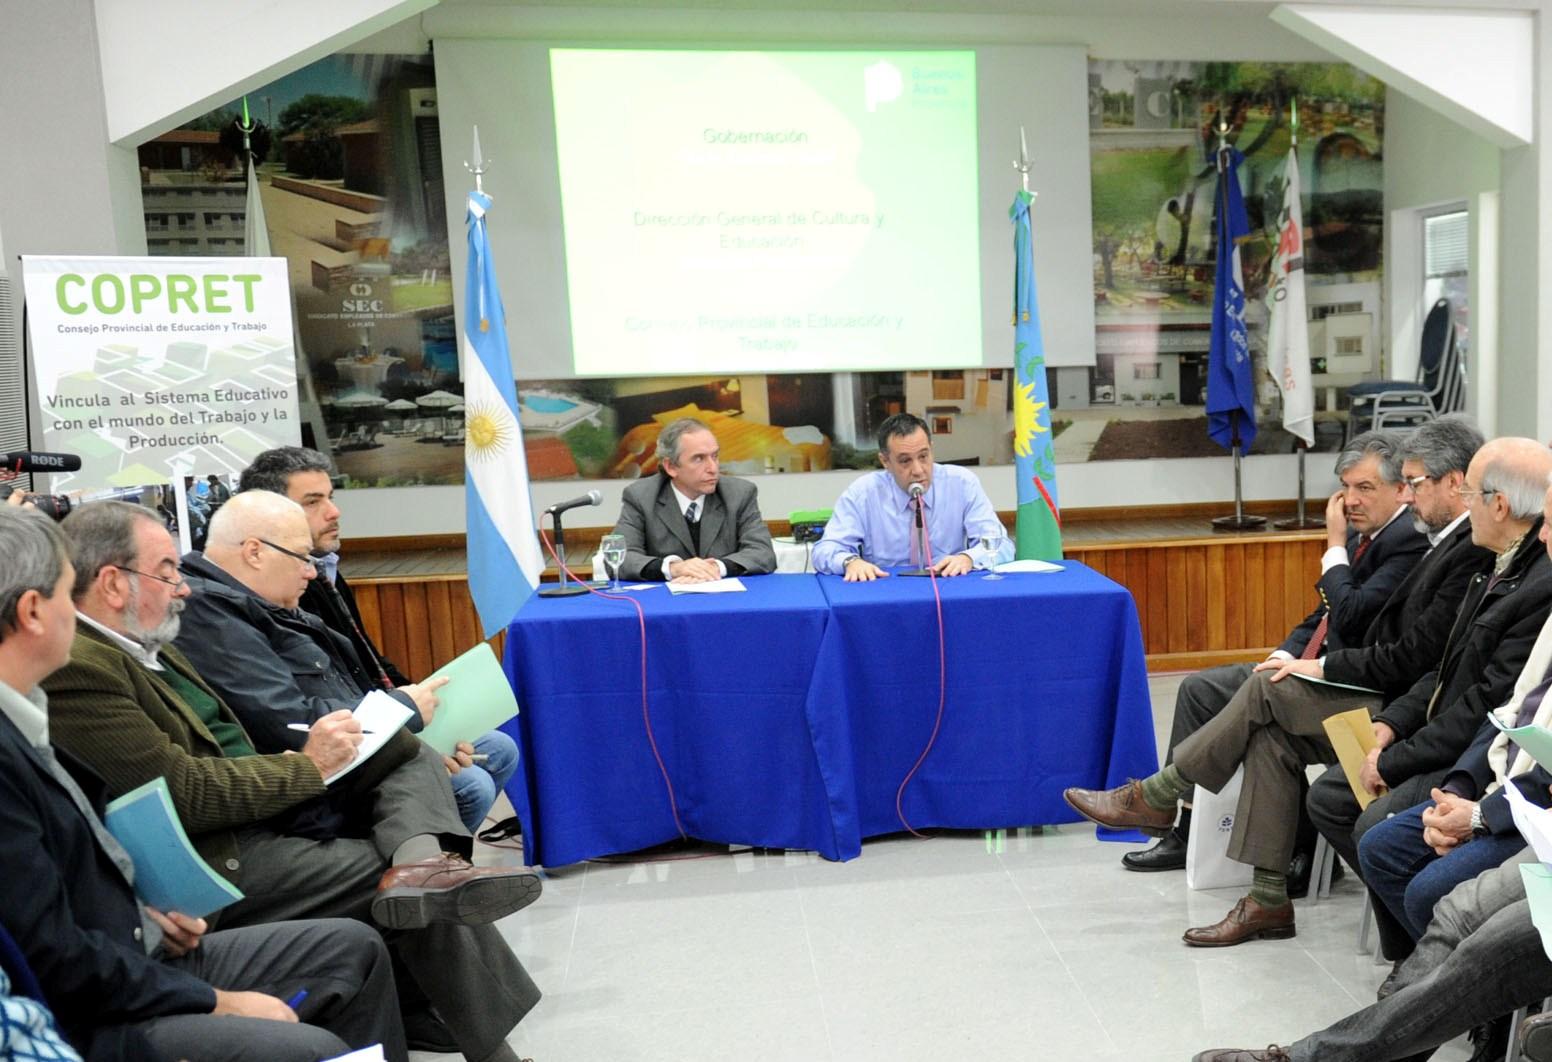 26-05-2016 - Finocchiaro en Consejo Consultivo del Copret